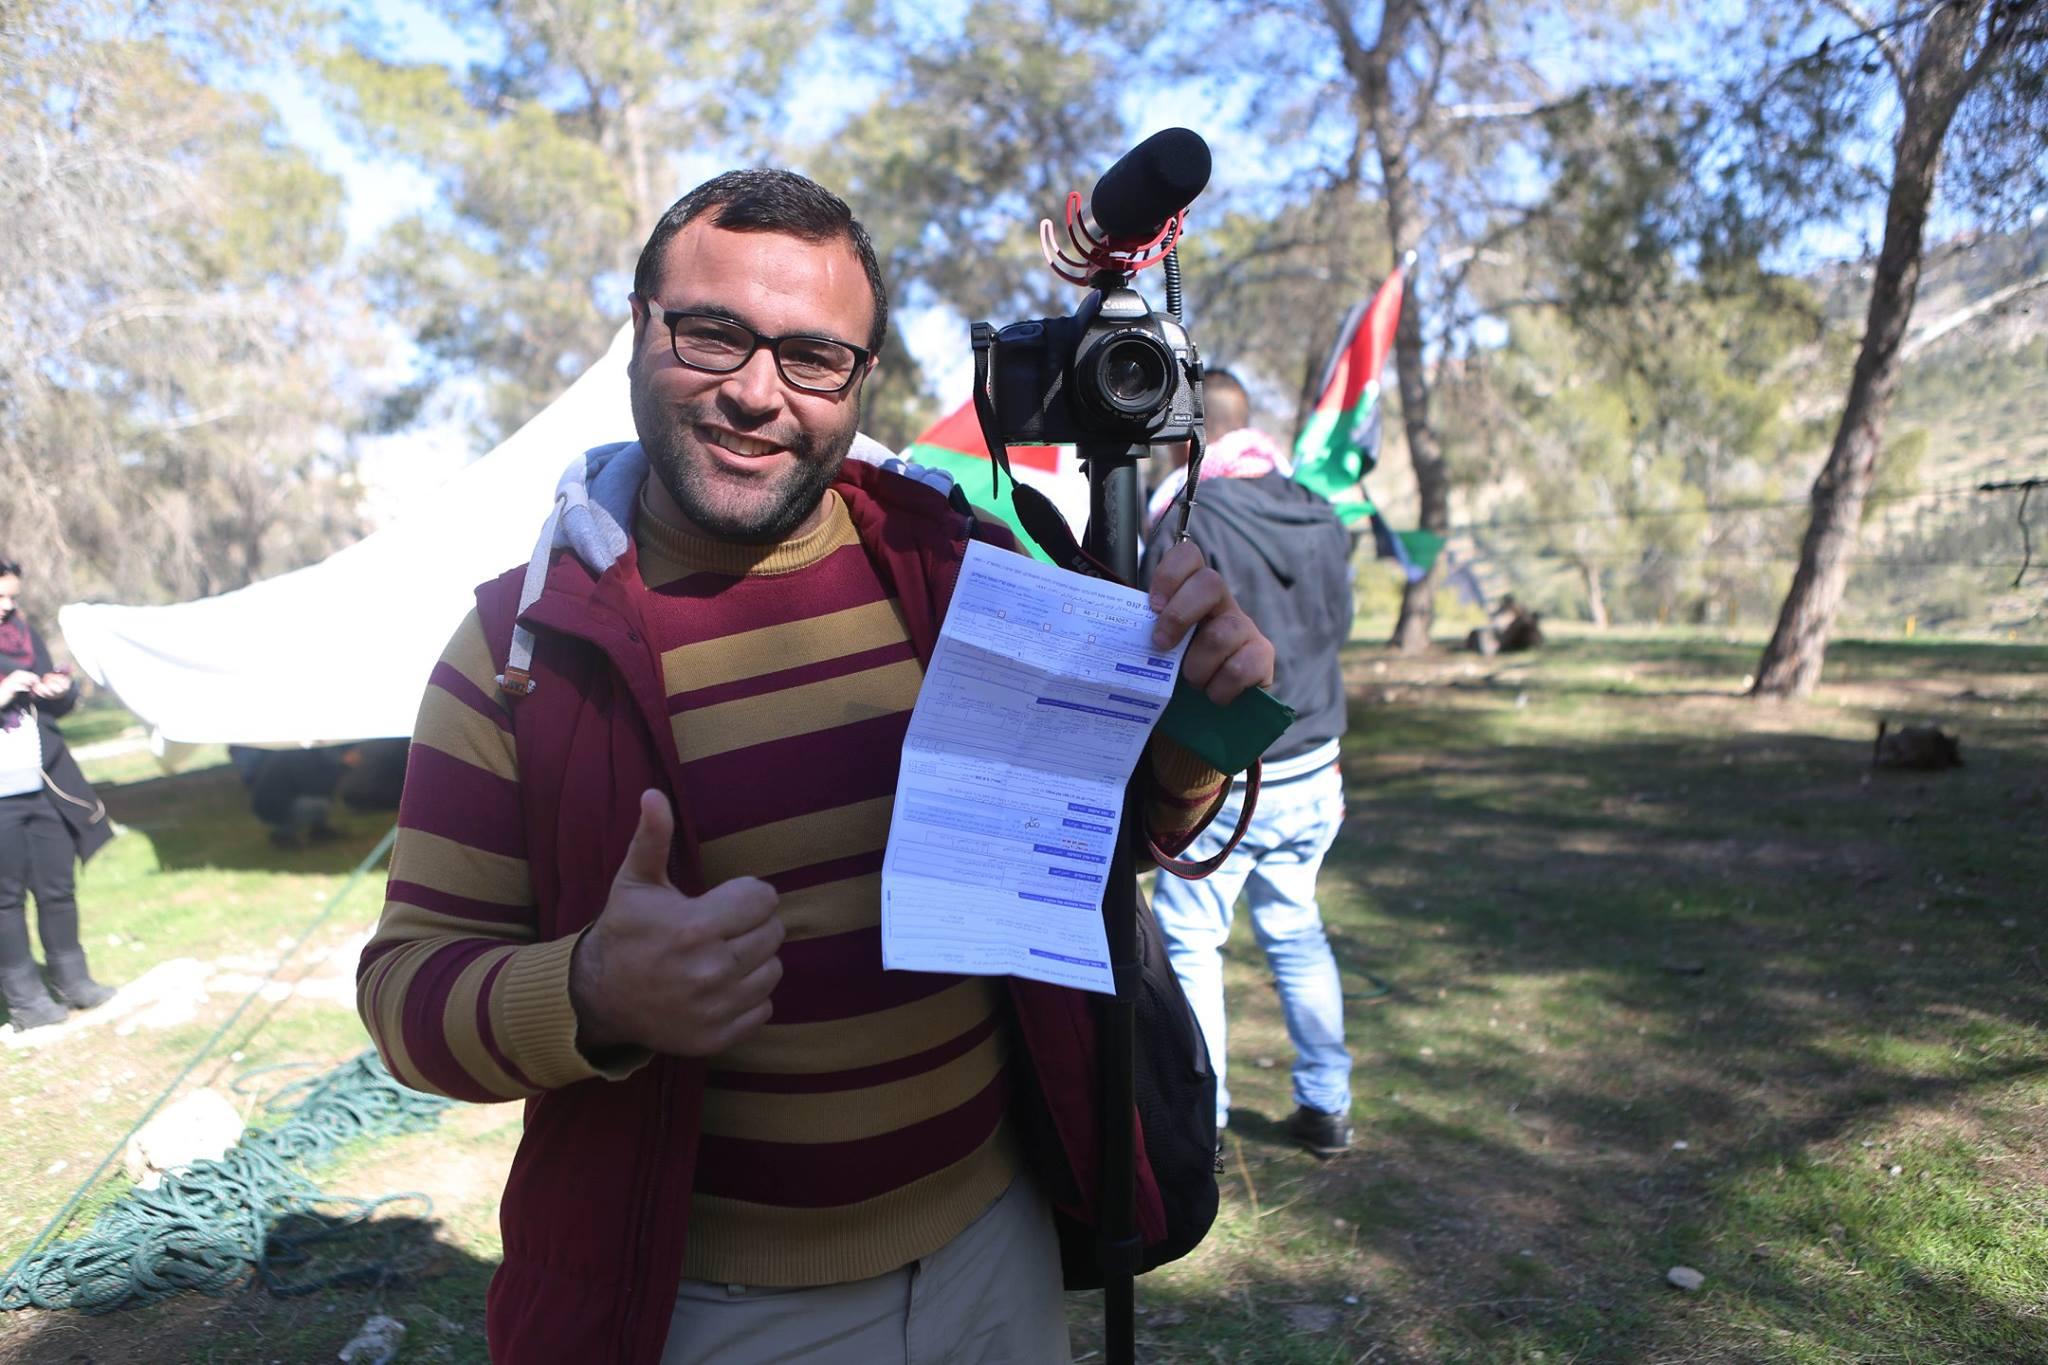 """شرطة الاحتلال تصدر بحق فلسطيني مخالفة """"سير على الأقدام"""""""